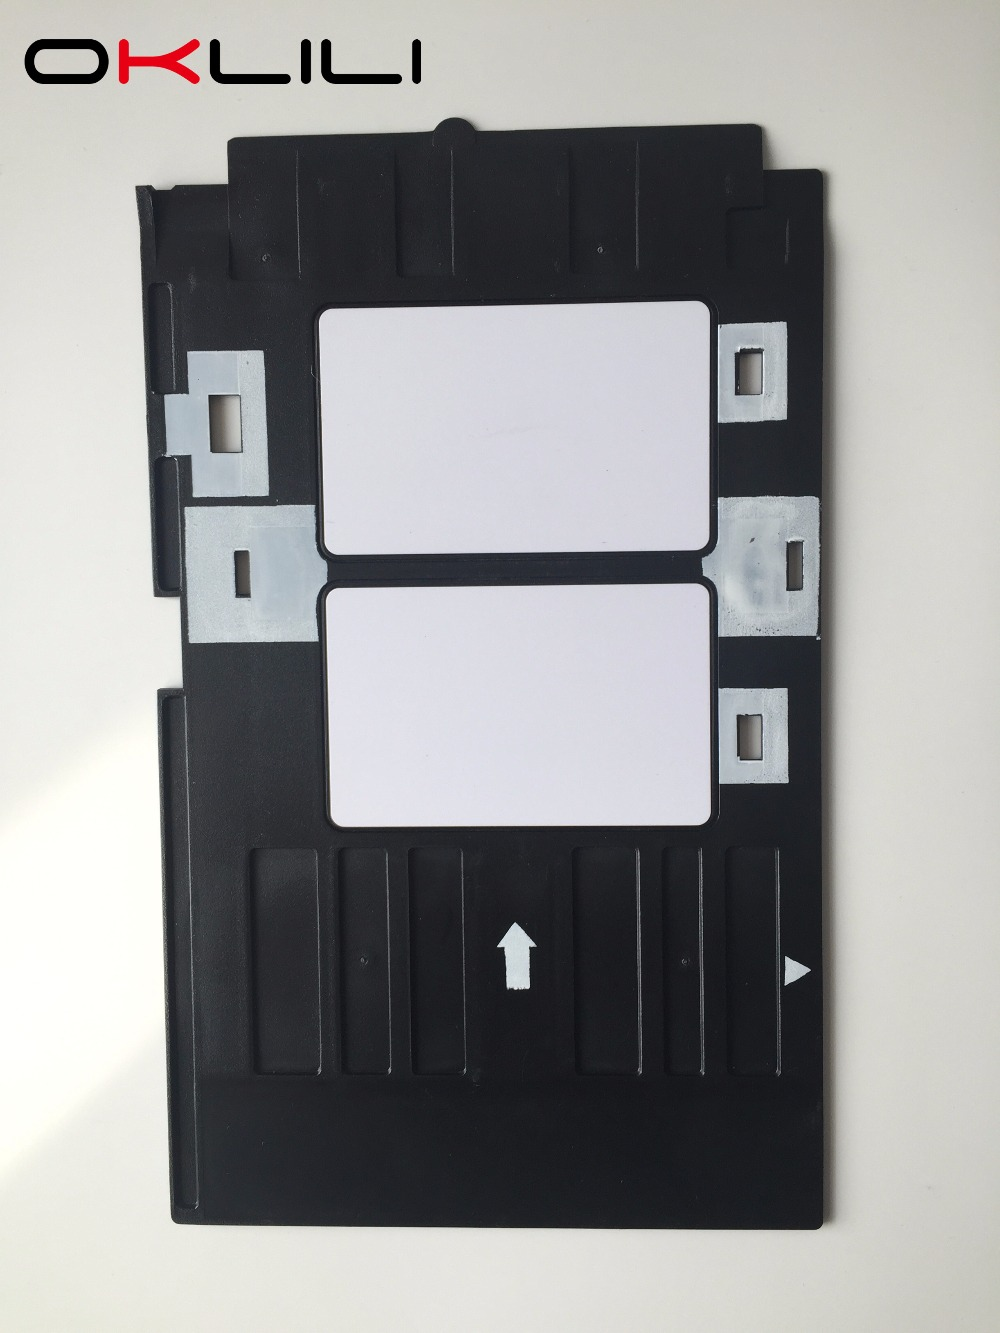 Δίσκος κάρτας ταυτότητας PVC Πλαστική κάρτα Δίσκος εκτύπωσης για Epson R260 R270 R270 R280 R290 R380 R390 RX680 T50 T60 A50 P50 L800 L801 R330